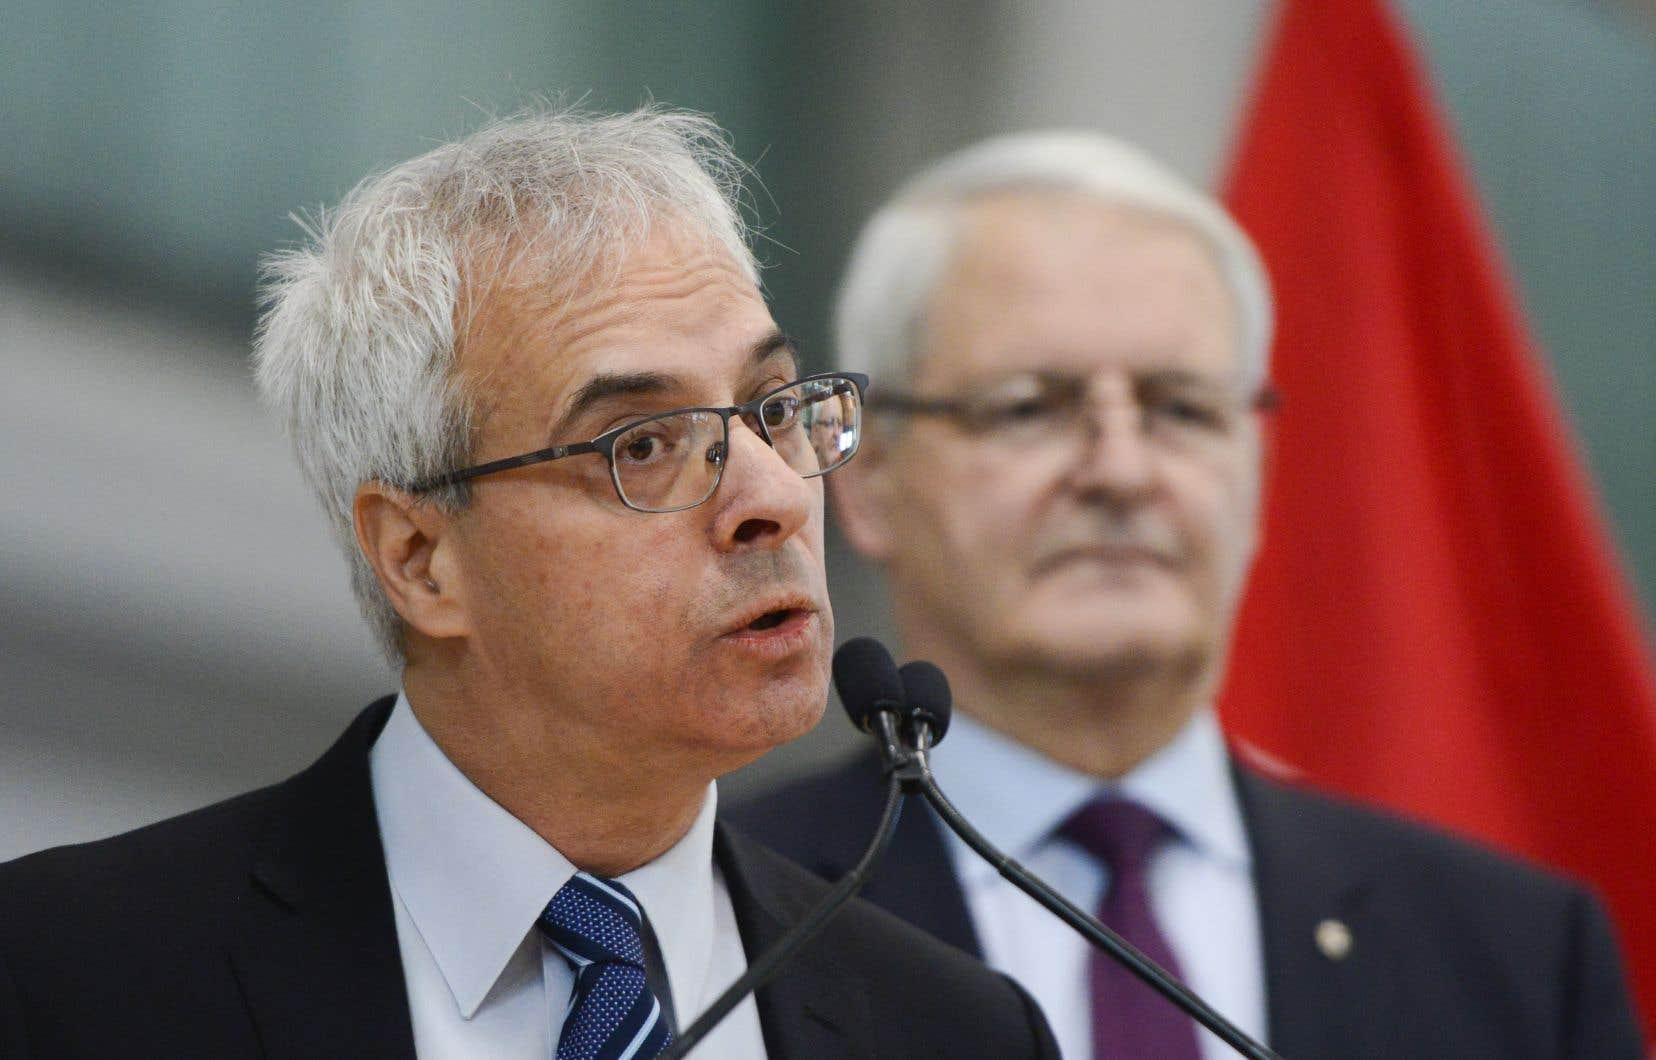 Le président de l'Office des transports du Canada (OTC), Scott Streiner, et le ministre fédéral des Transports, Marc Garneau